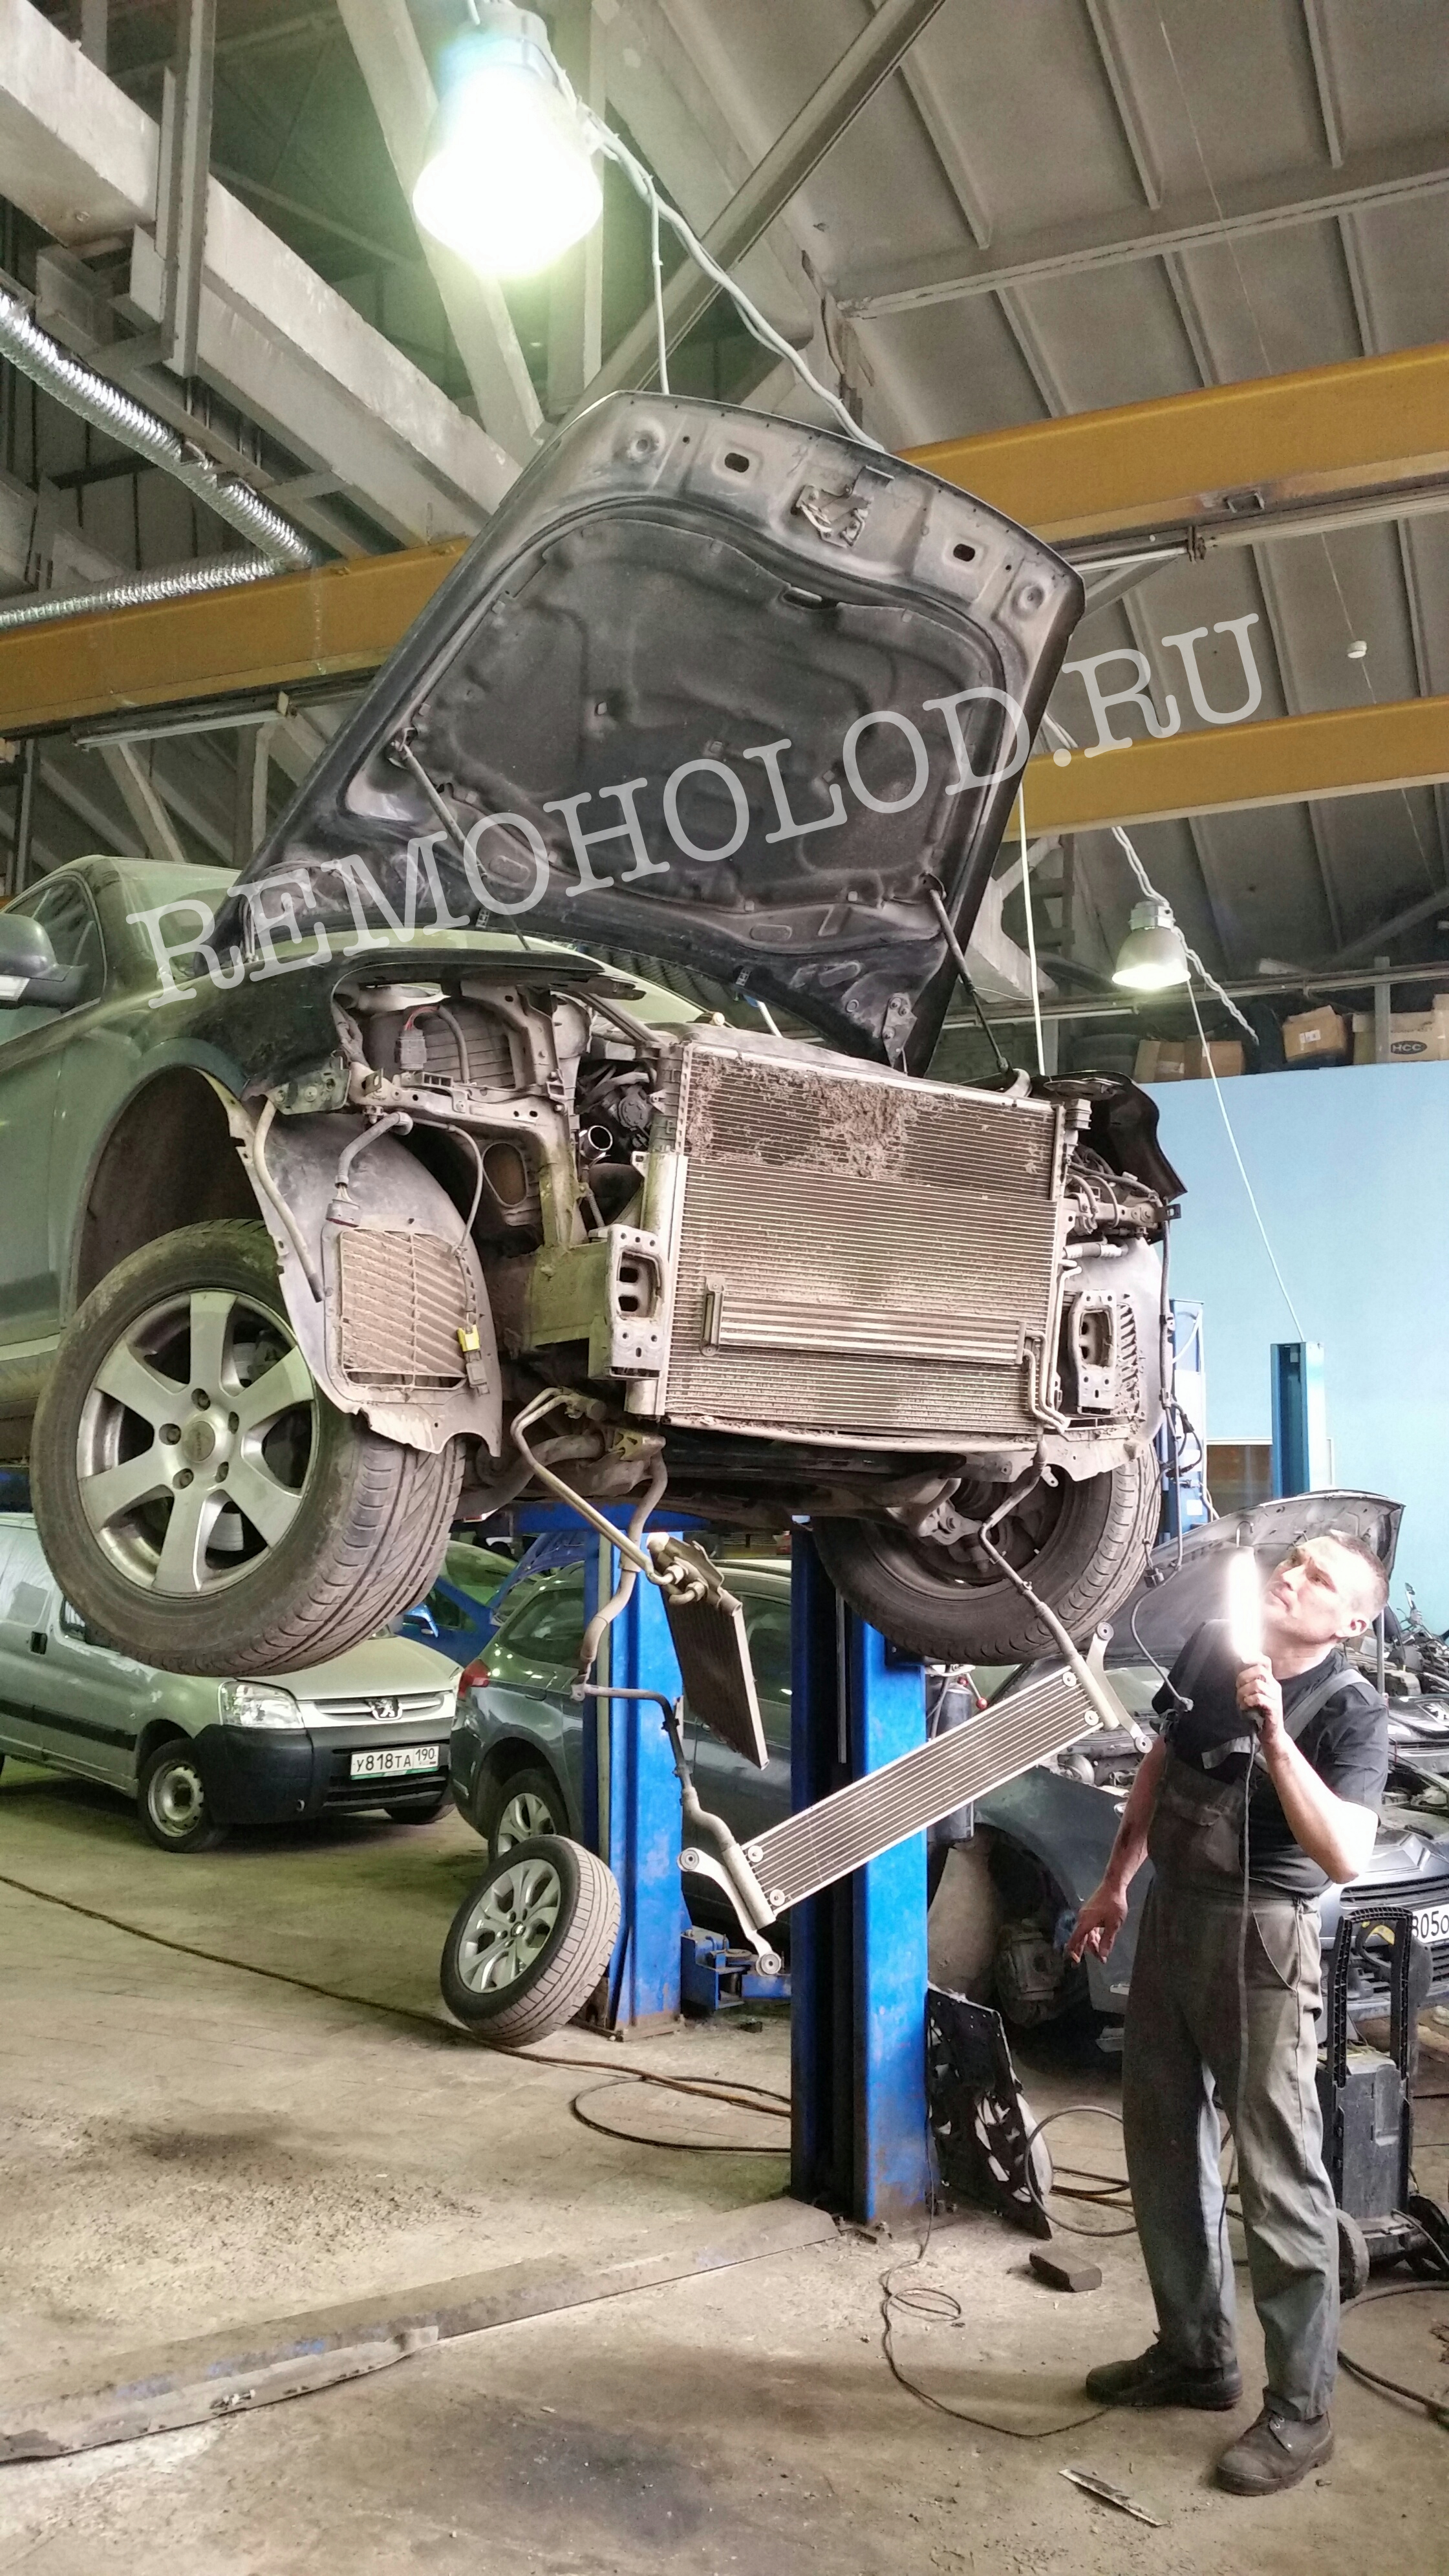 VW TOUAREG приехал заправить кондицинер. Оказалось, что из-за грязных радиаторов у него аварийное давление в системе